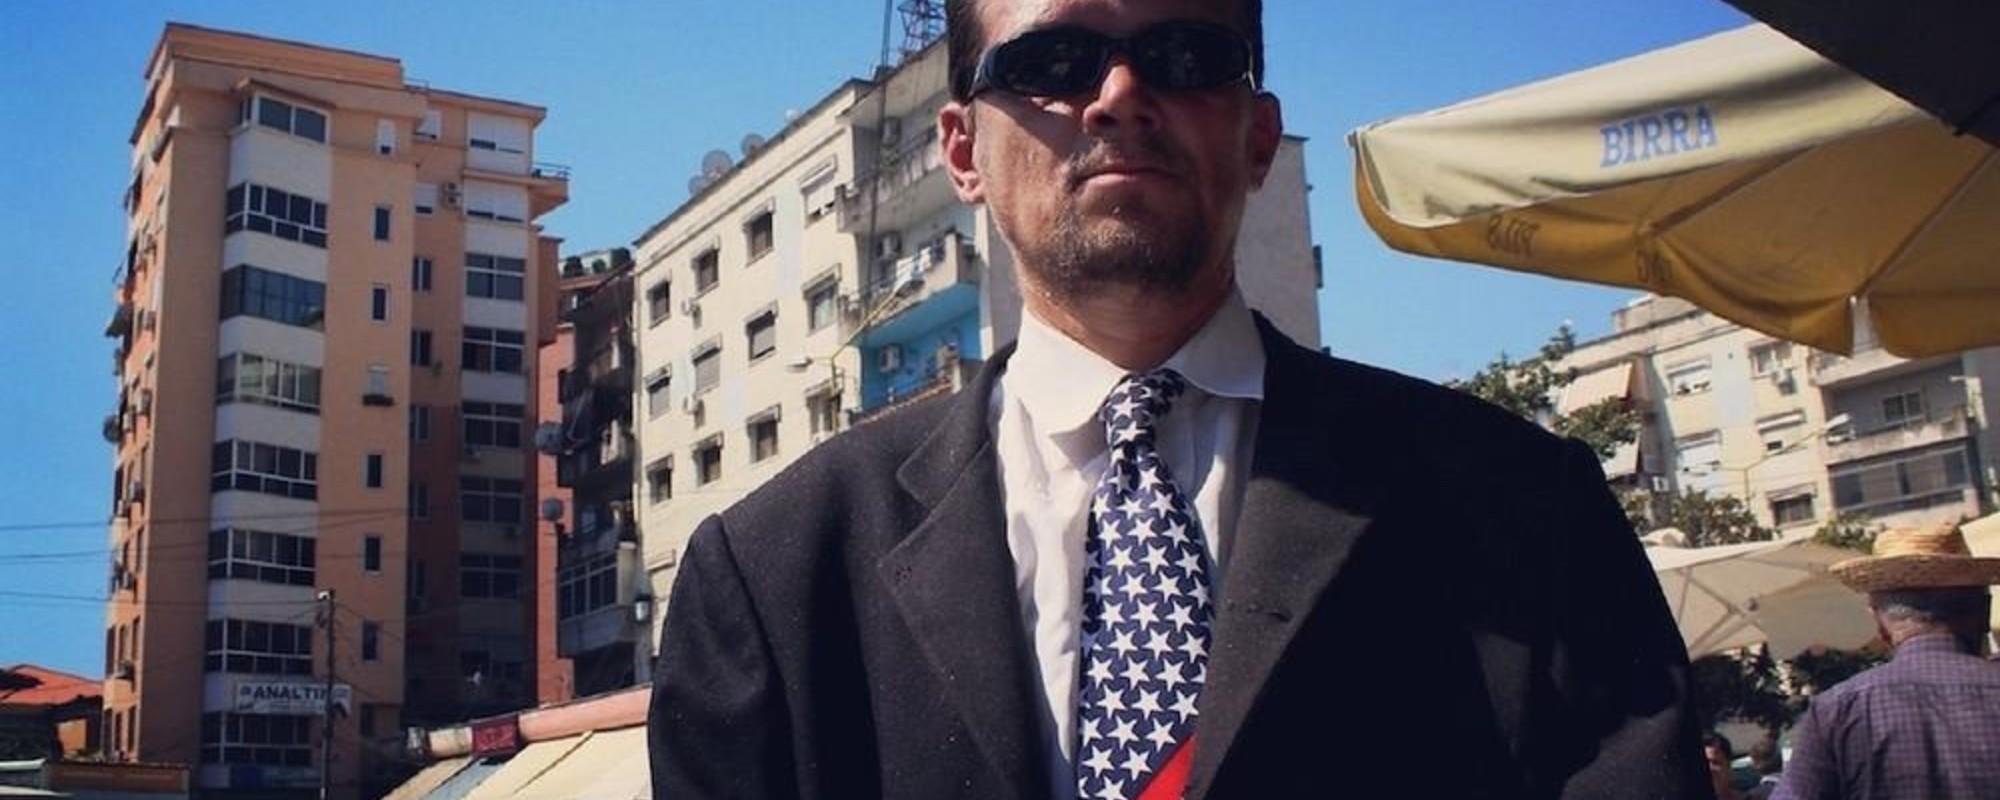 De Amerikaanse vlag wappert fier in de Balkan